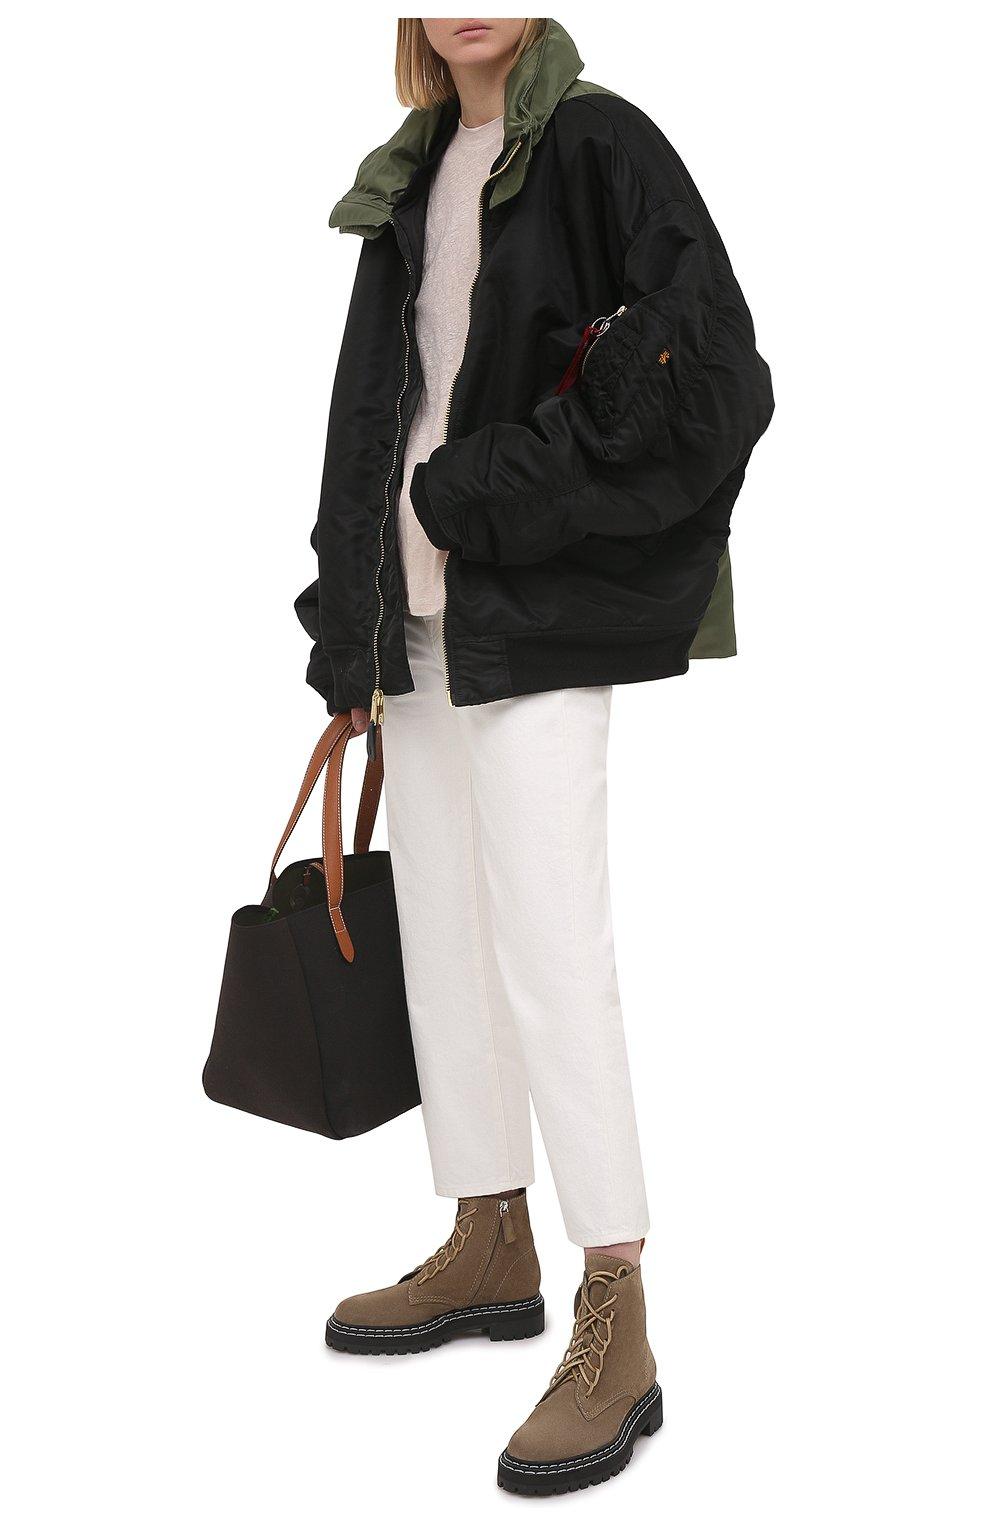 Женские замшевые ботинки PROENZA SCHOULER светло-коричневого цвета, арт. PS35113A/13070 | Фото 2 (Подошва: Платформа; Материал внешний: Кожа, Замша; Каблук высота: Низкий; Женское Кросс-КТ: Военные ботинки; Материал внутренний: Натуральная кожа)